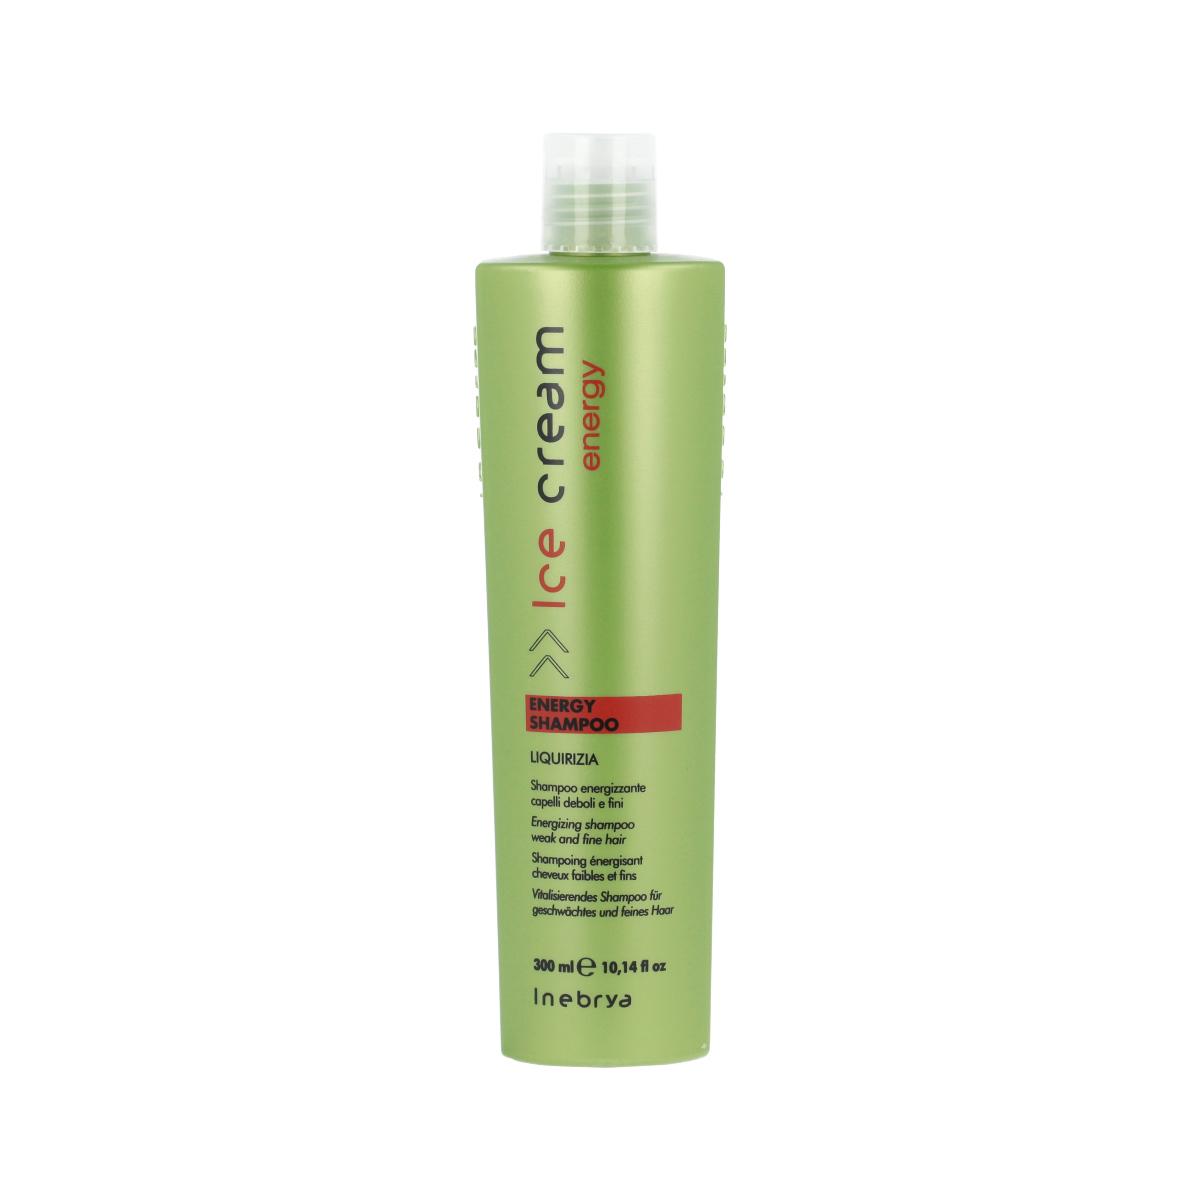 Inebrya Energy Shampoo 300 ml 94939